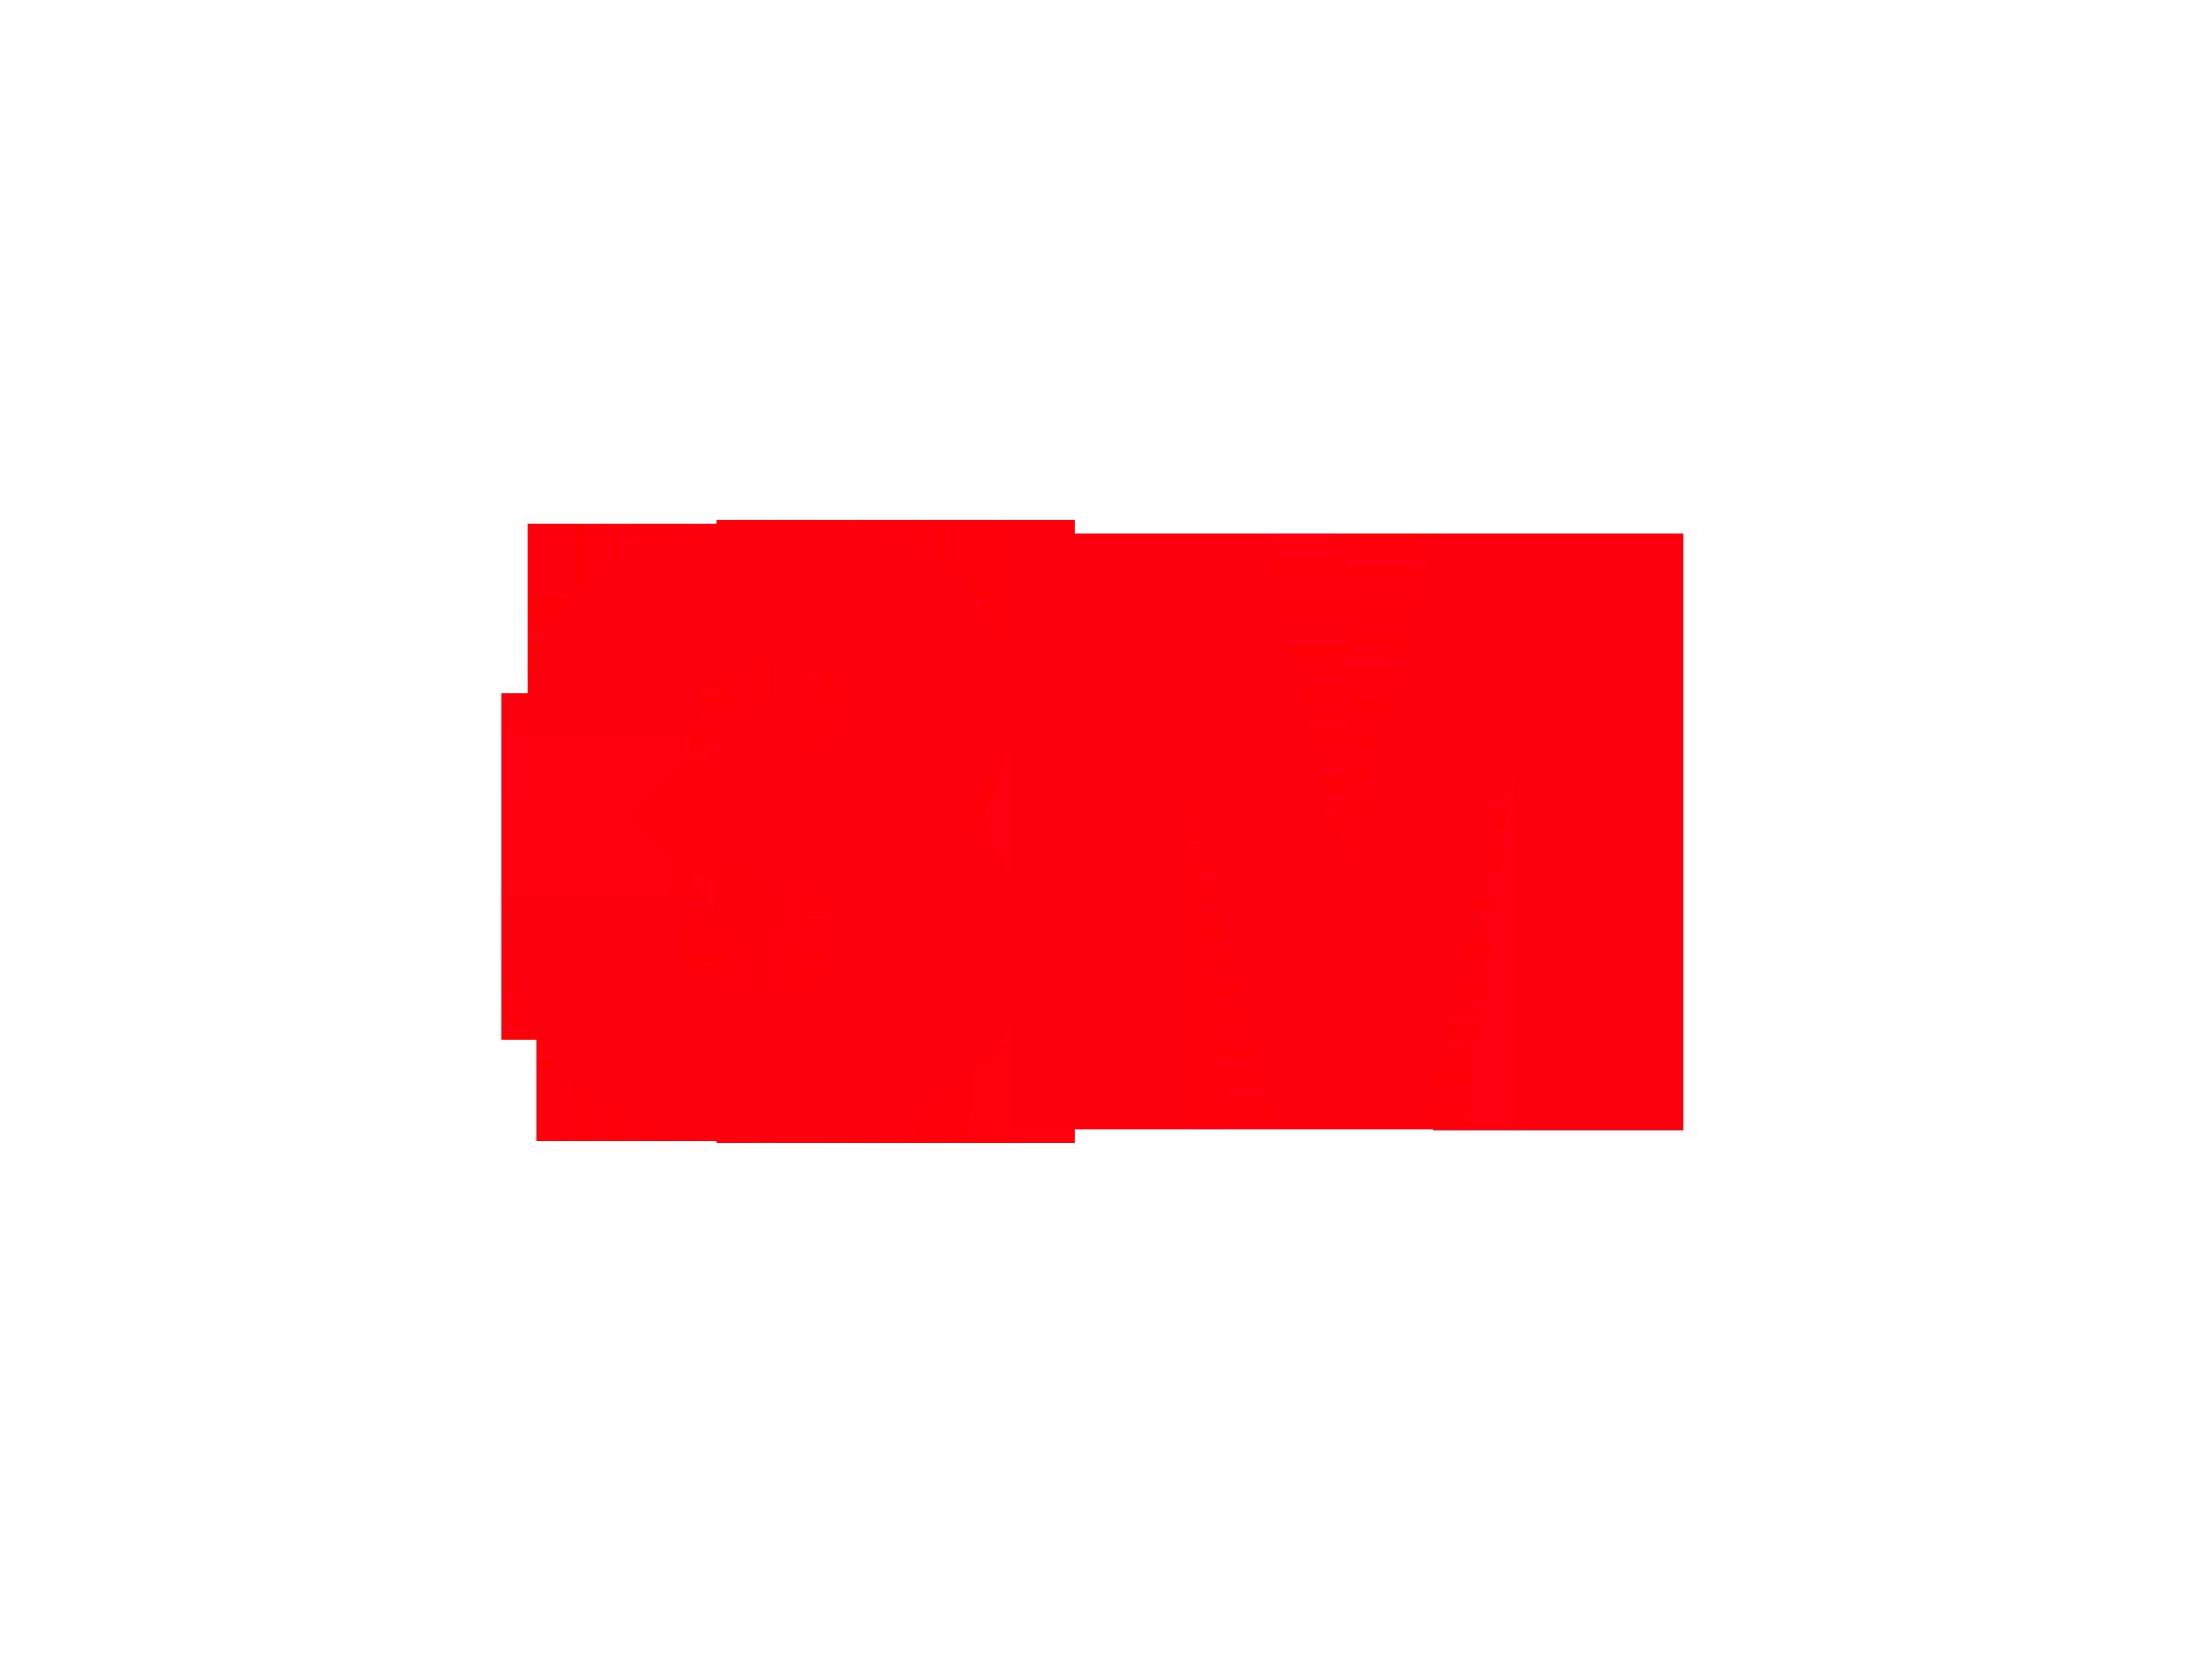 3M-logo